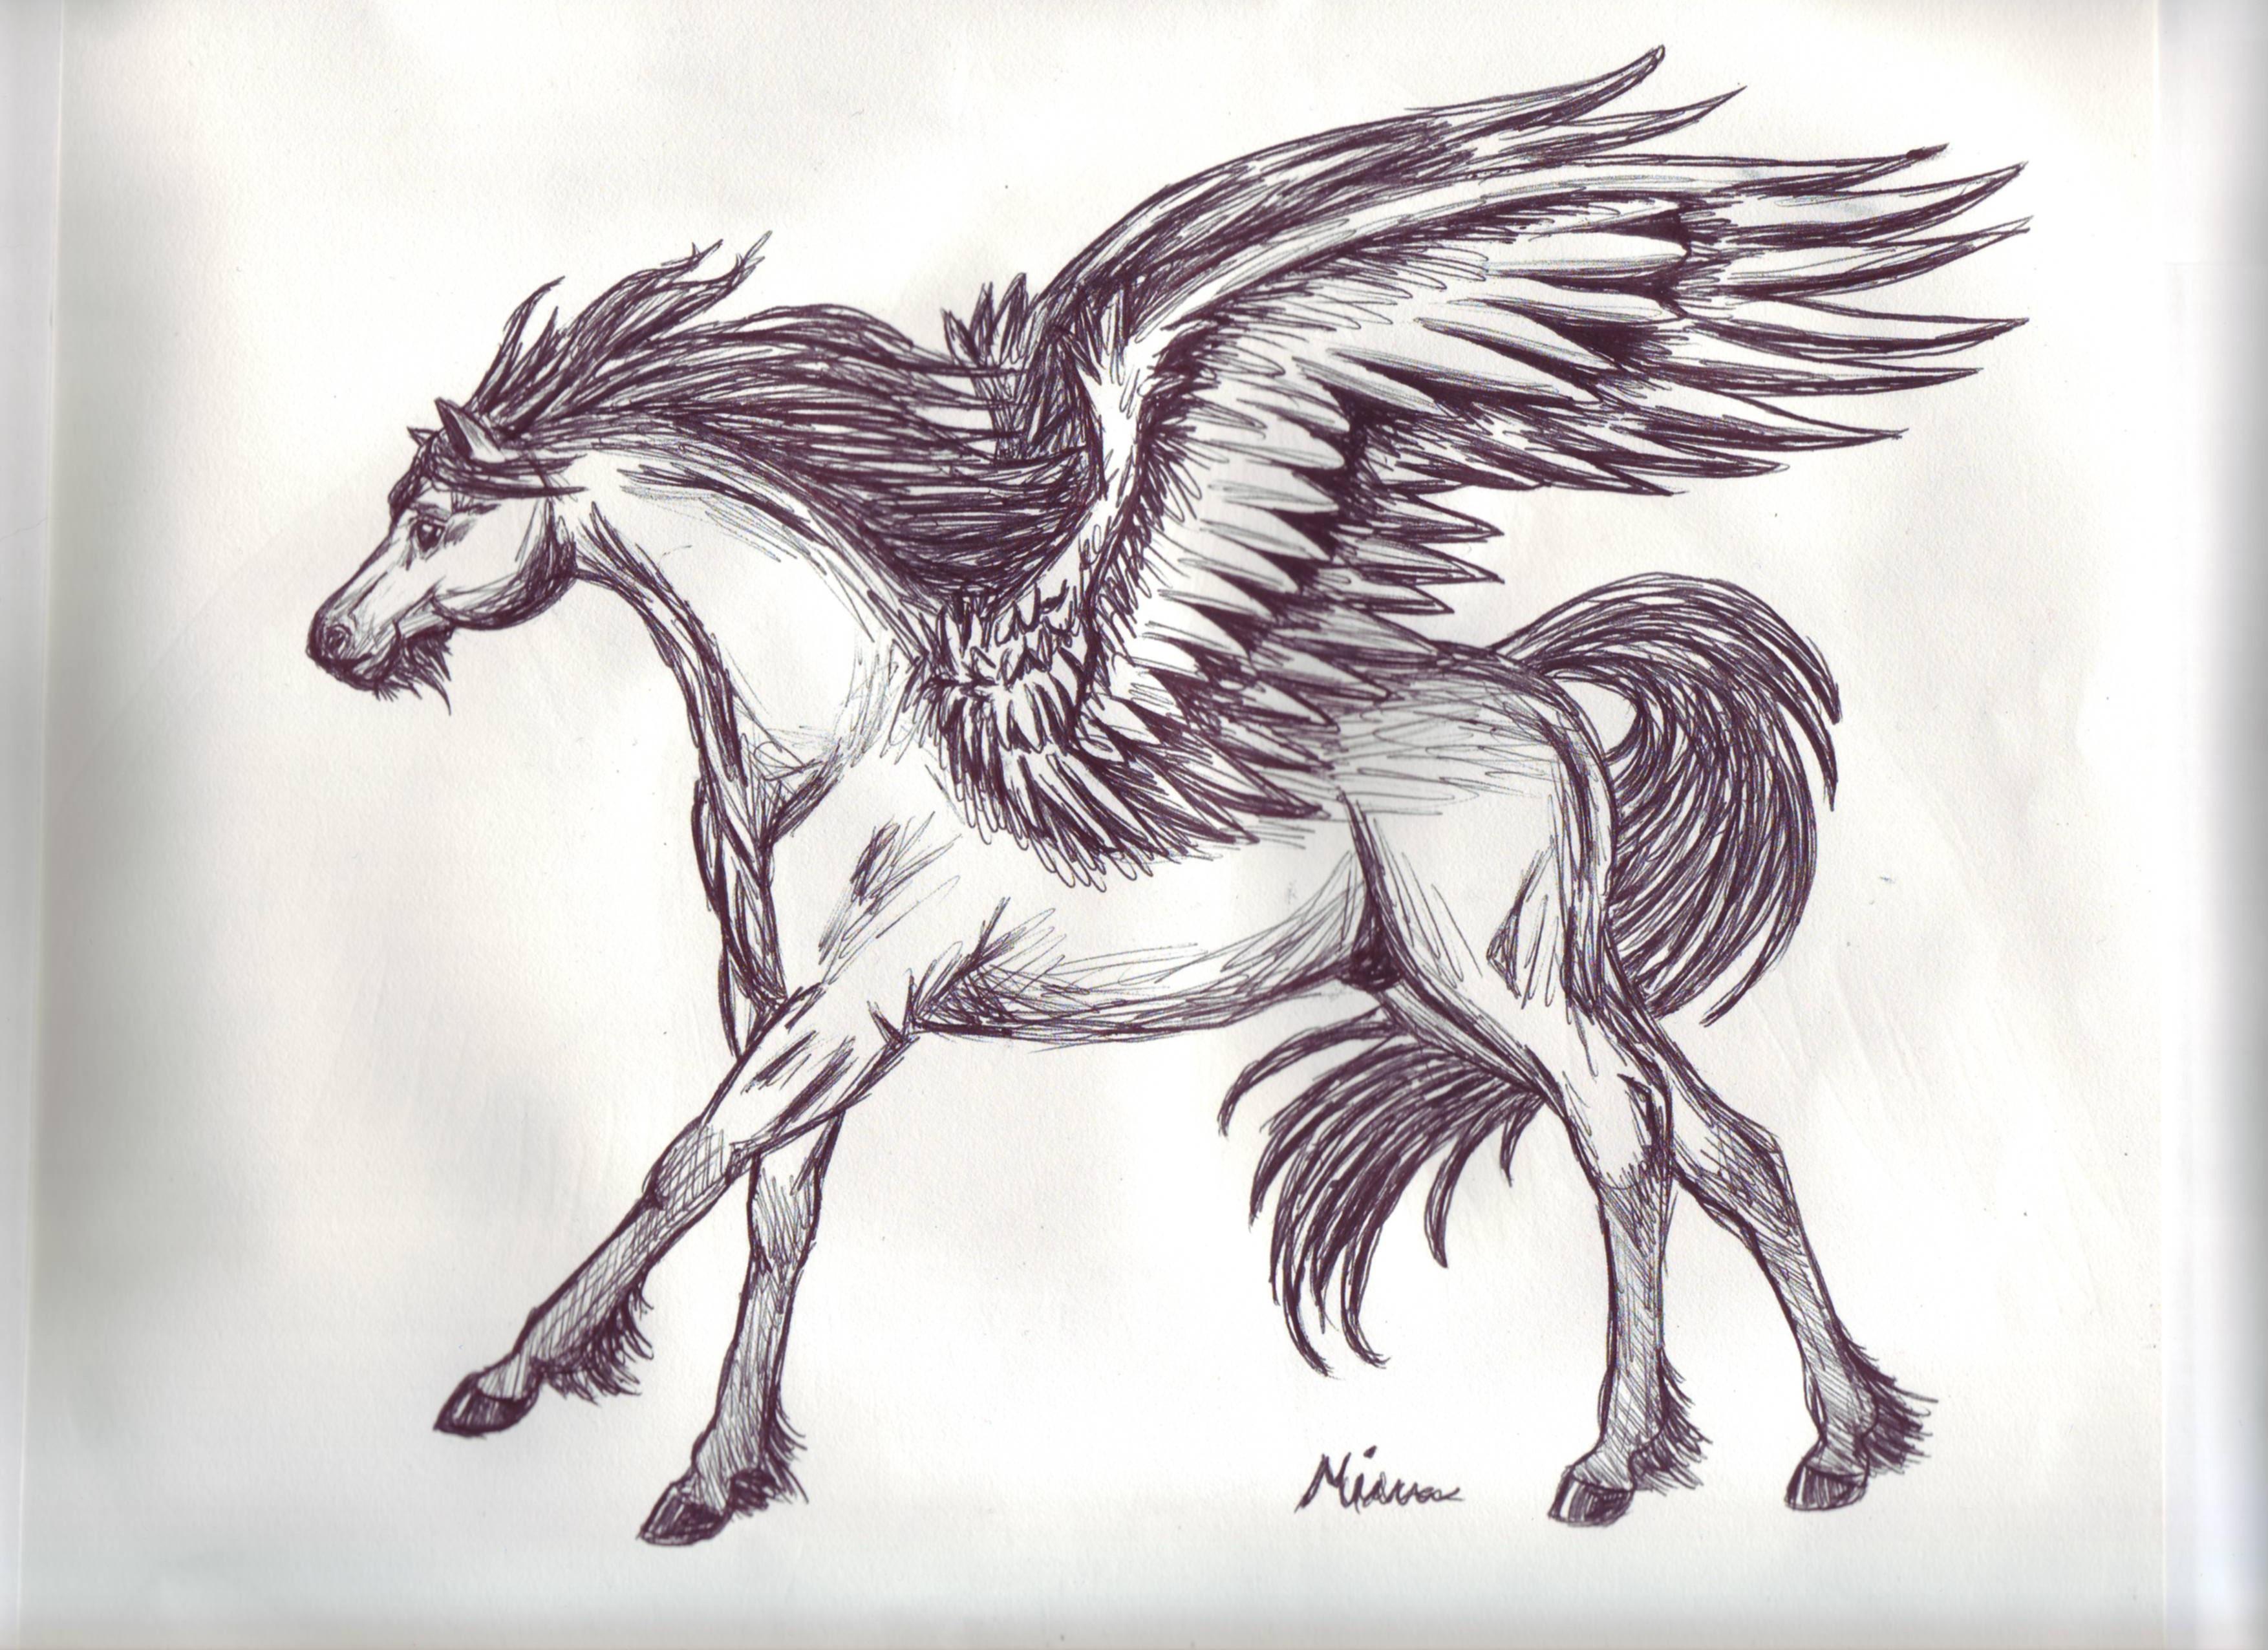 Uncategorized Drawings Of Pegasus pegasus sketch 2 by spiritwings on deviantart spiritwings